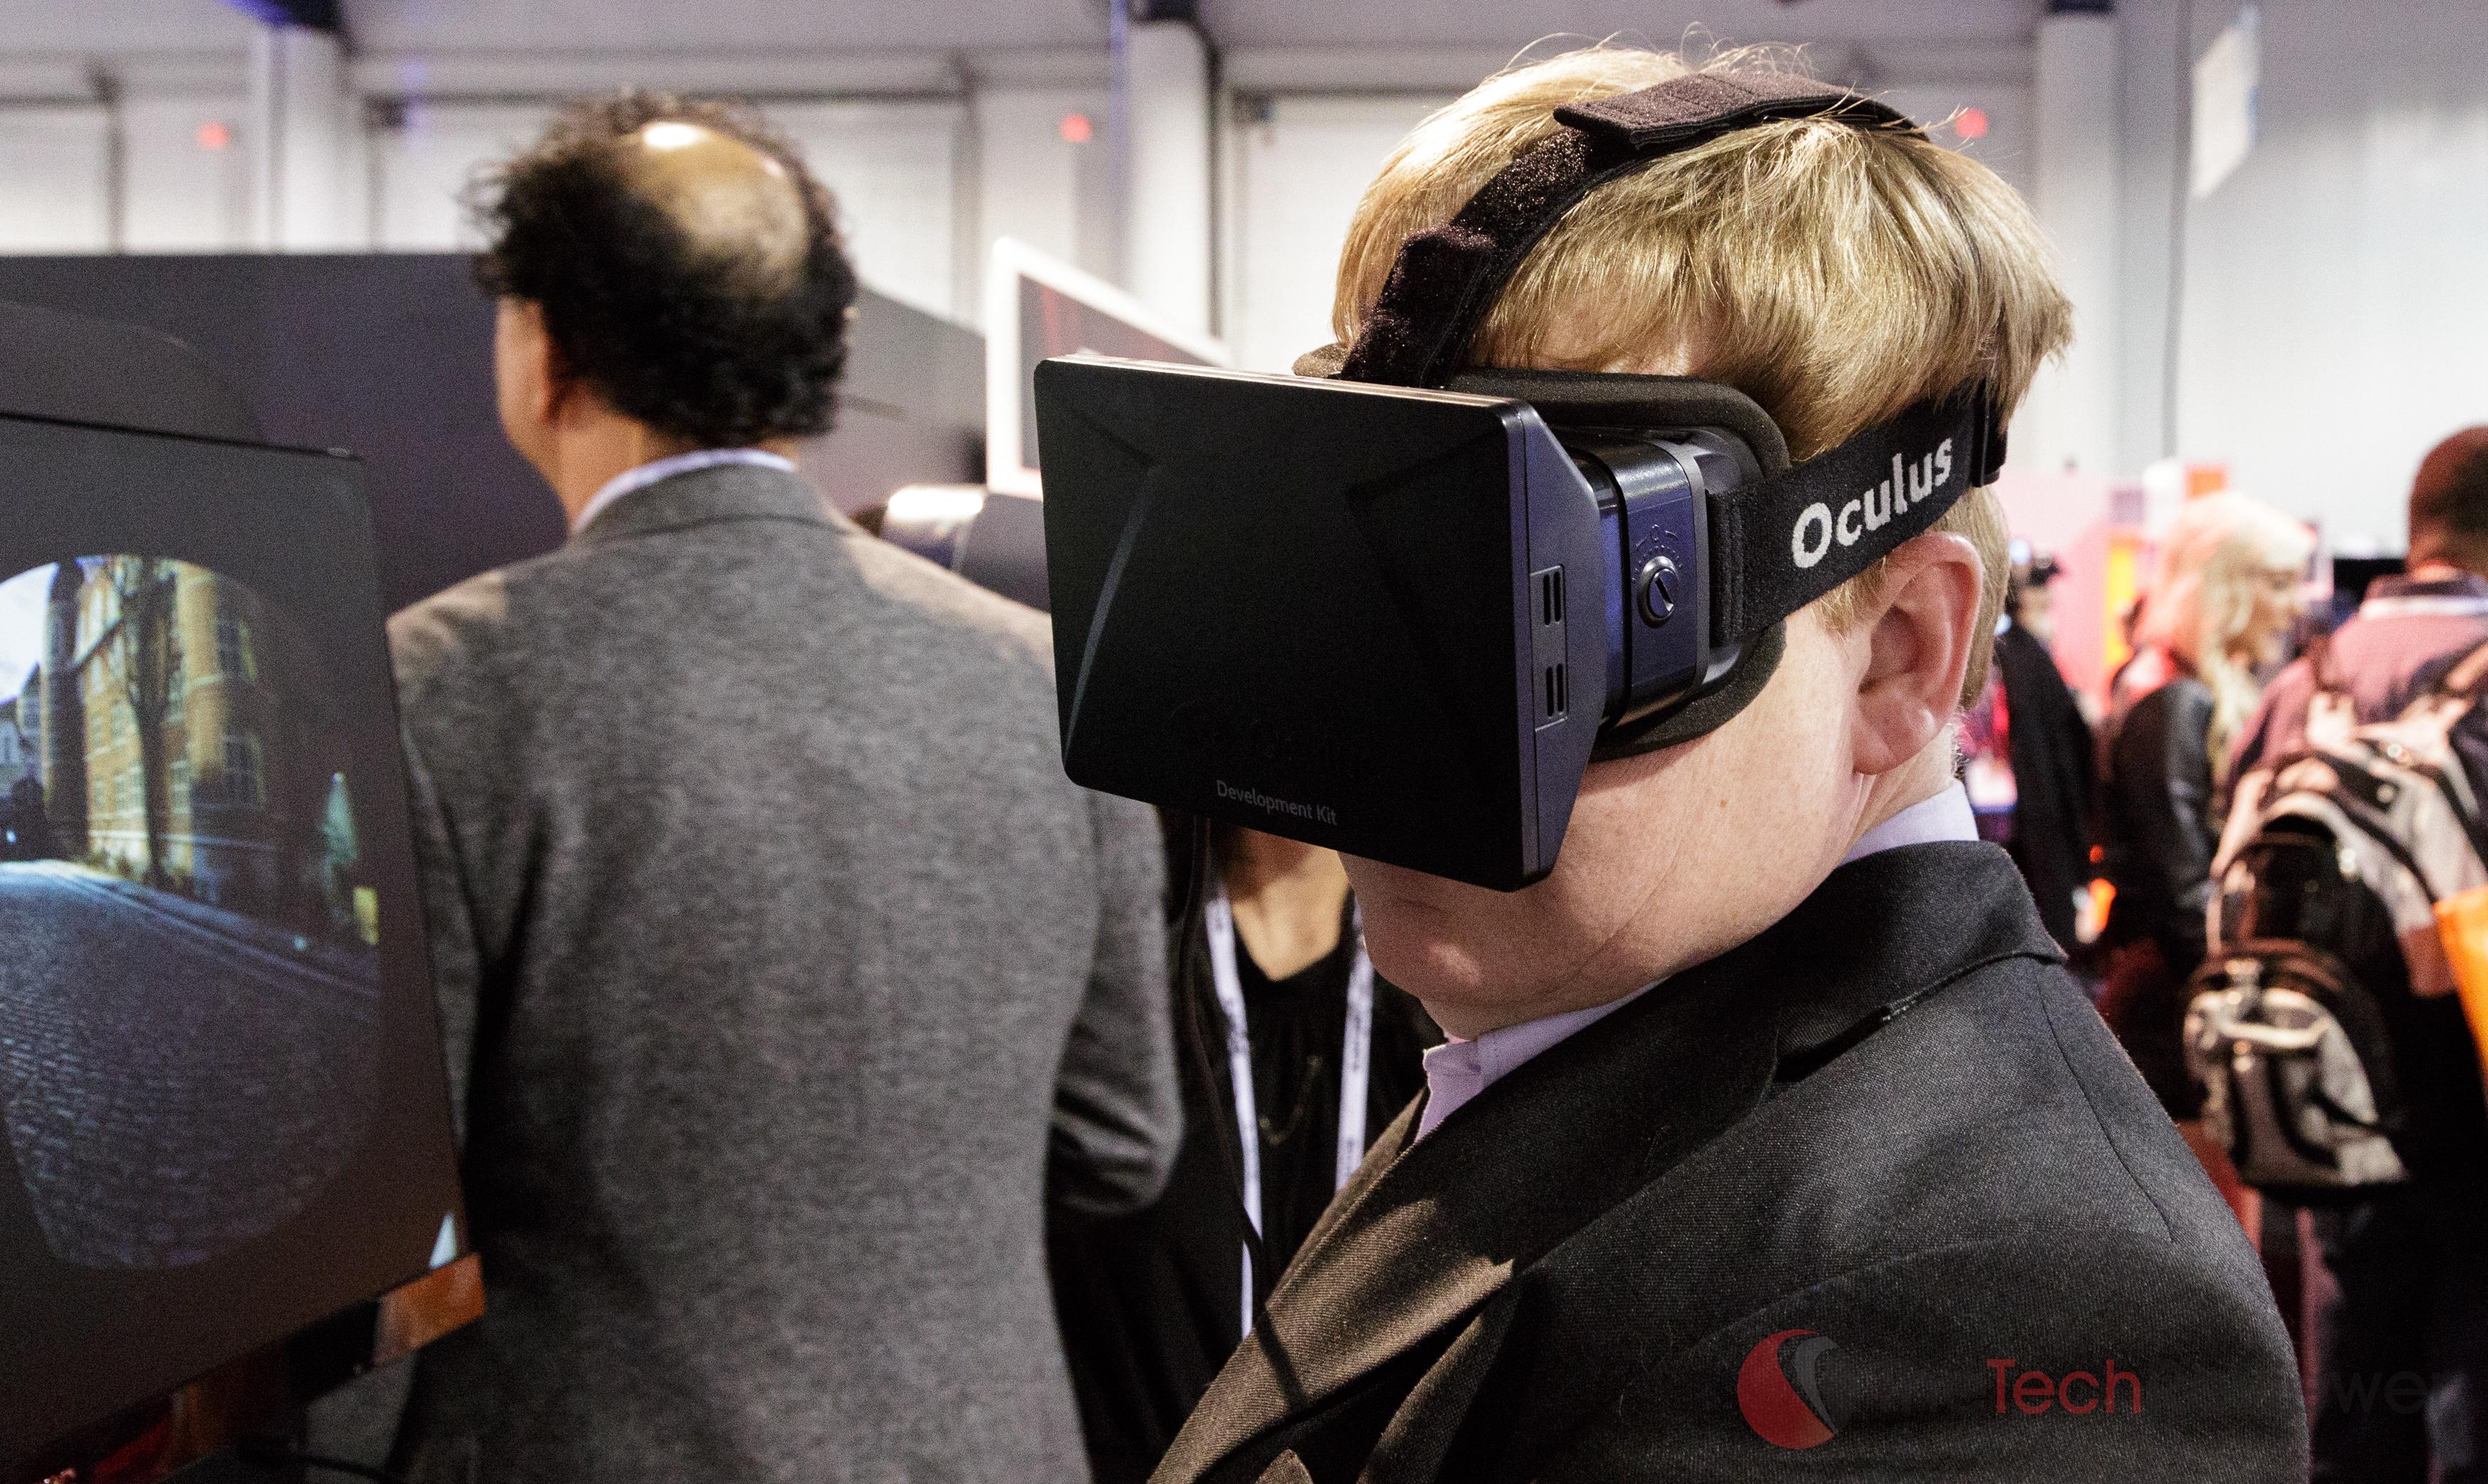 Oculus Rift